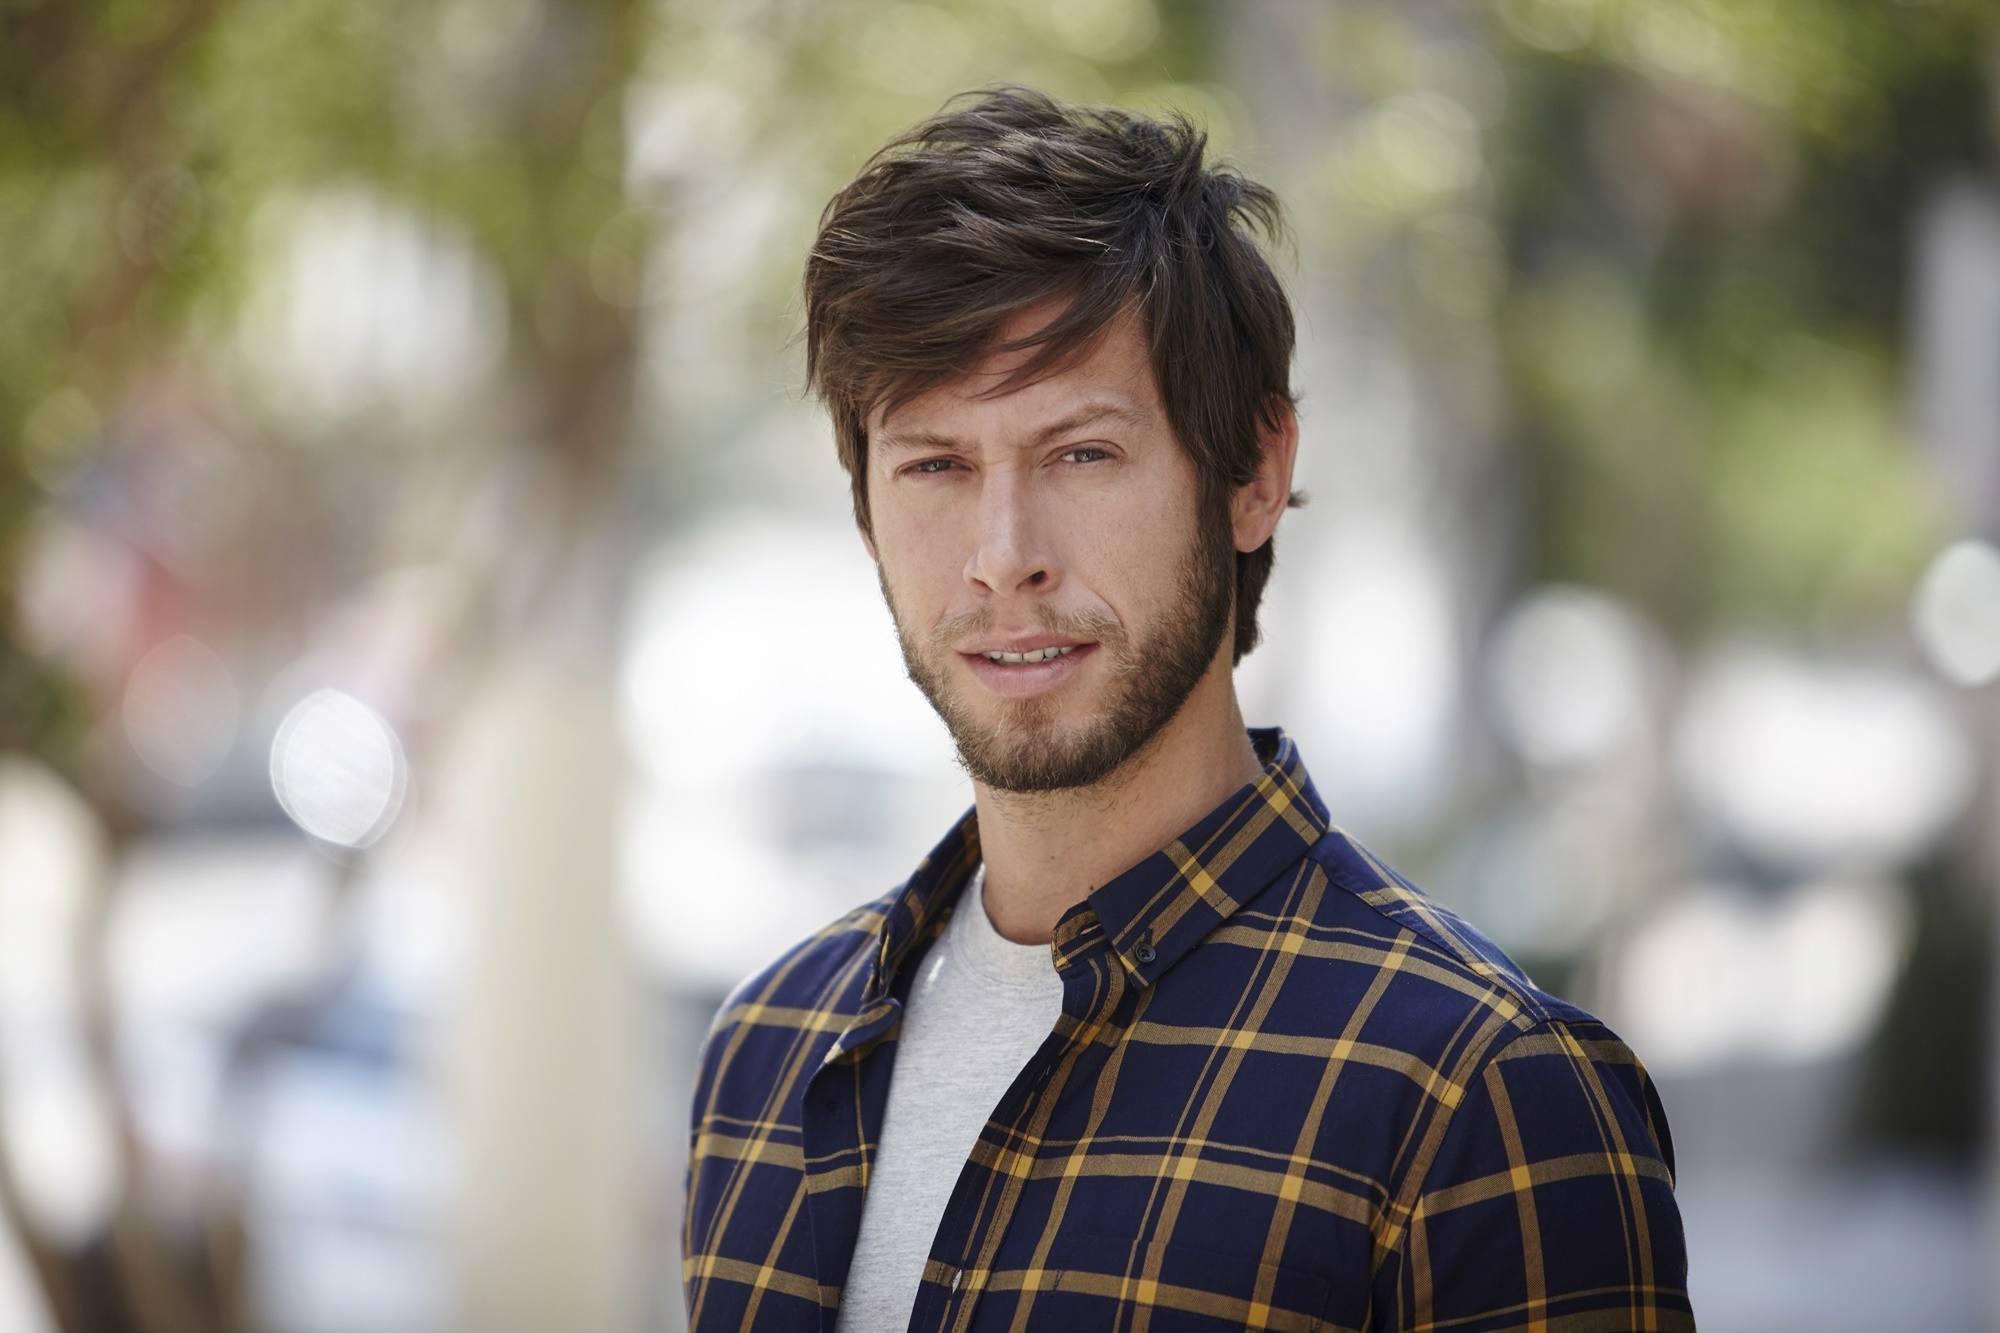 Homem com camisa xadrez e cabelo com franja desfiada